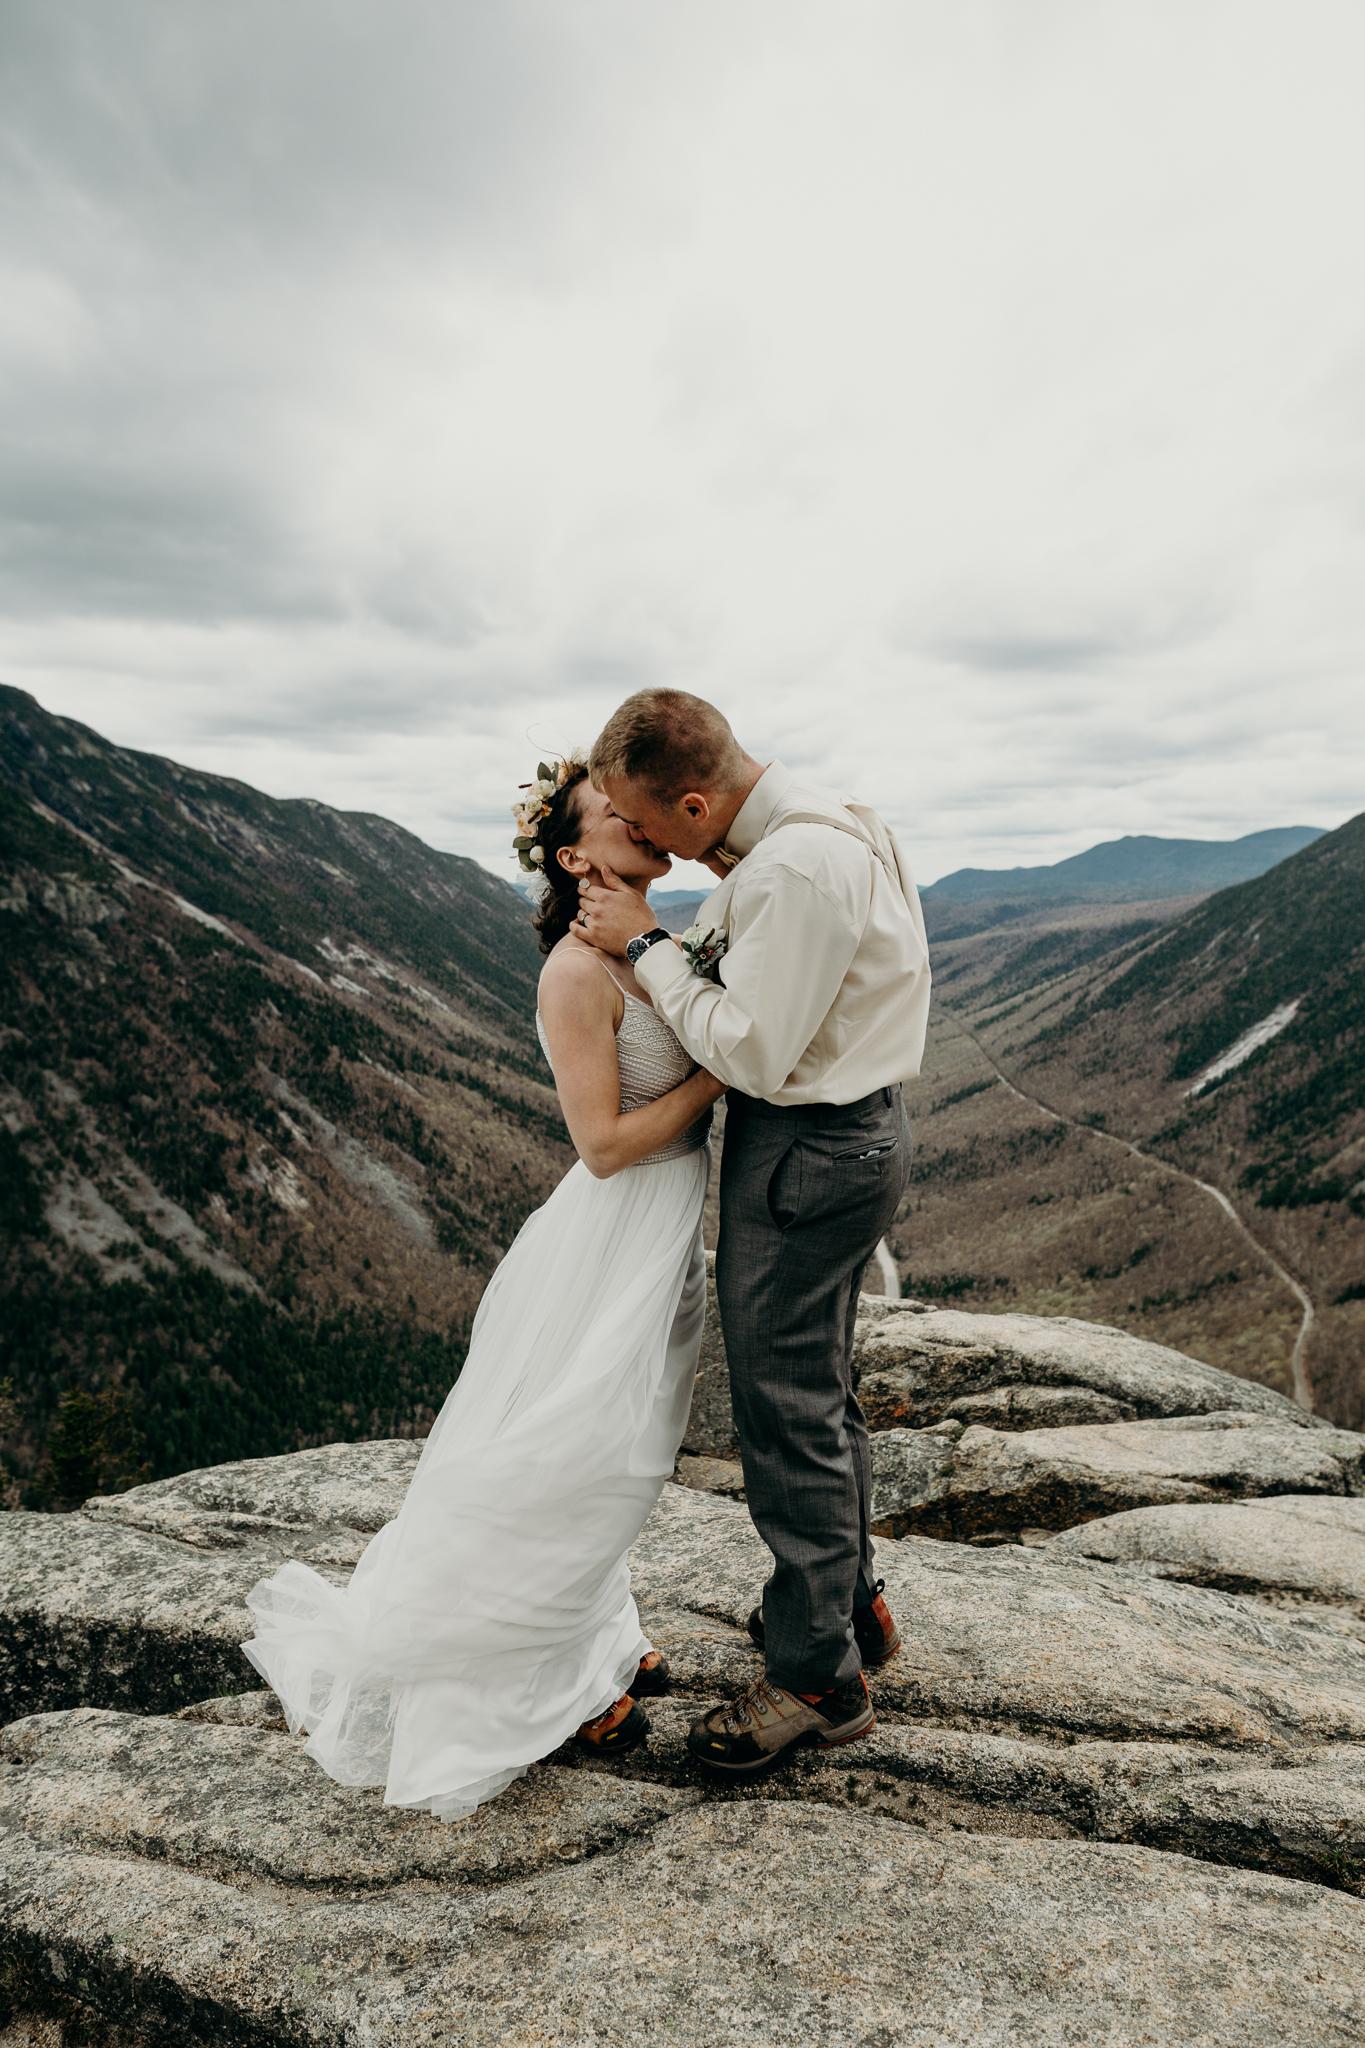 LarueElopementerinwheatco-4098 Mount Willard Elopement | Calib & Scotlyn